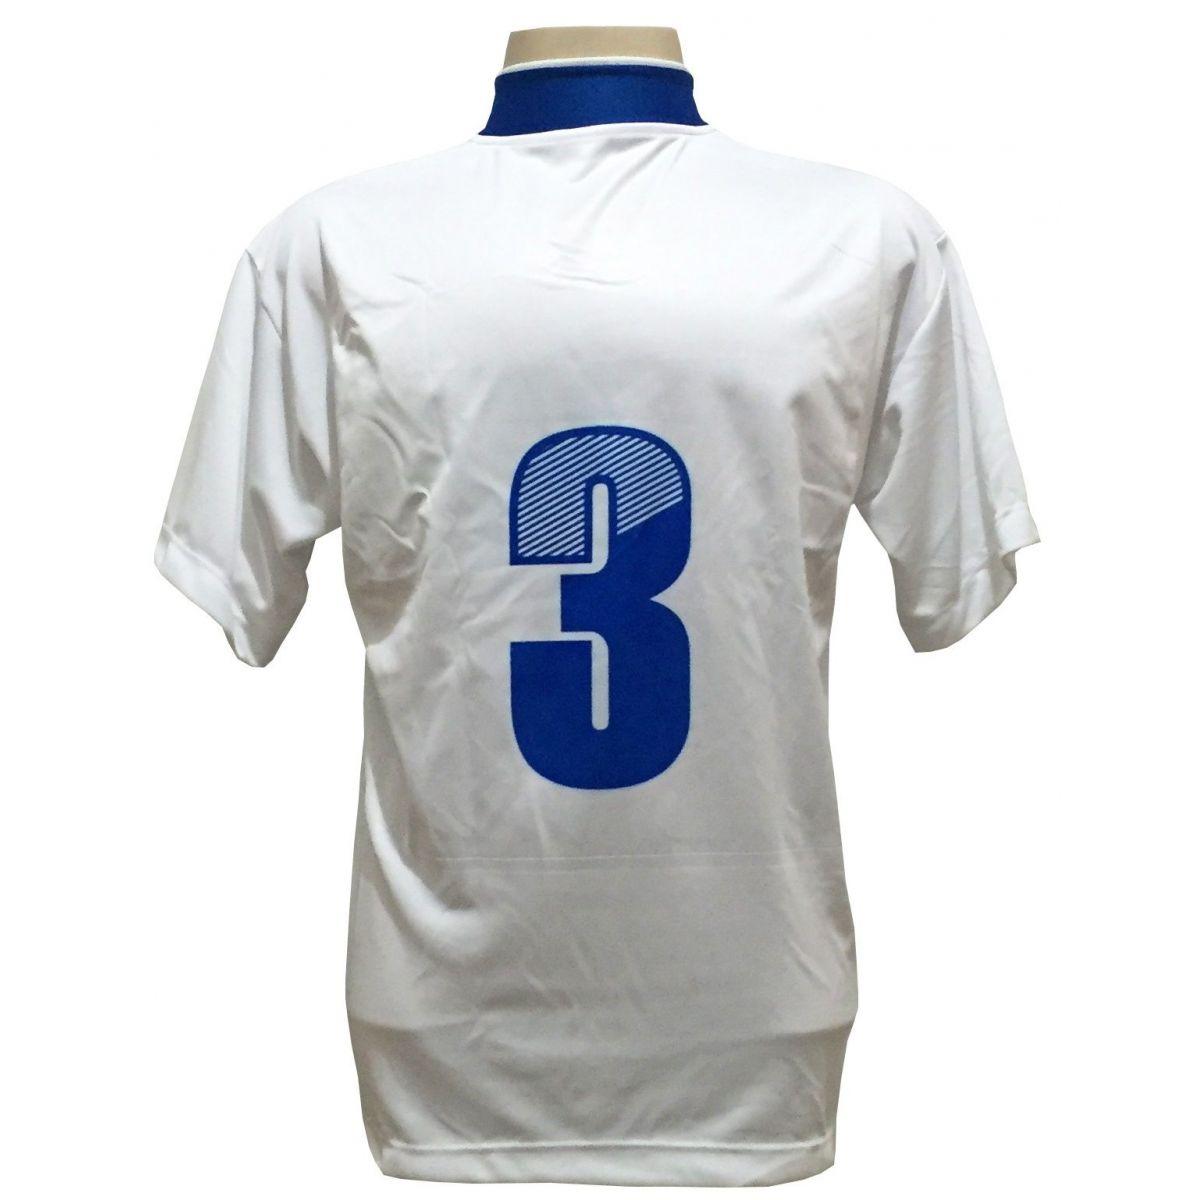 Uniforme Esportivo Completo Modelo Suécia 14+1 (14 Camisas Branco/Royal + 14 Calções Modelo Copa Royal/Branco + 14 Pares de Meiões Branco + 1 Conjunto de Goleiro) + Brindes